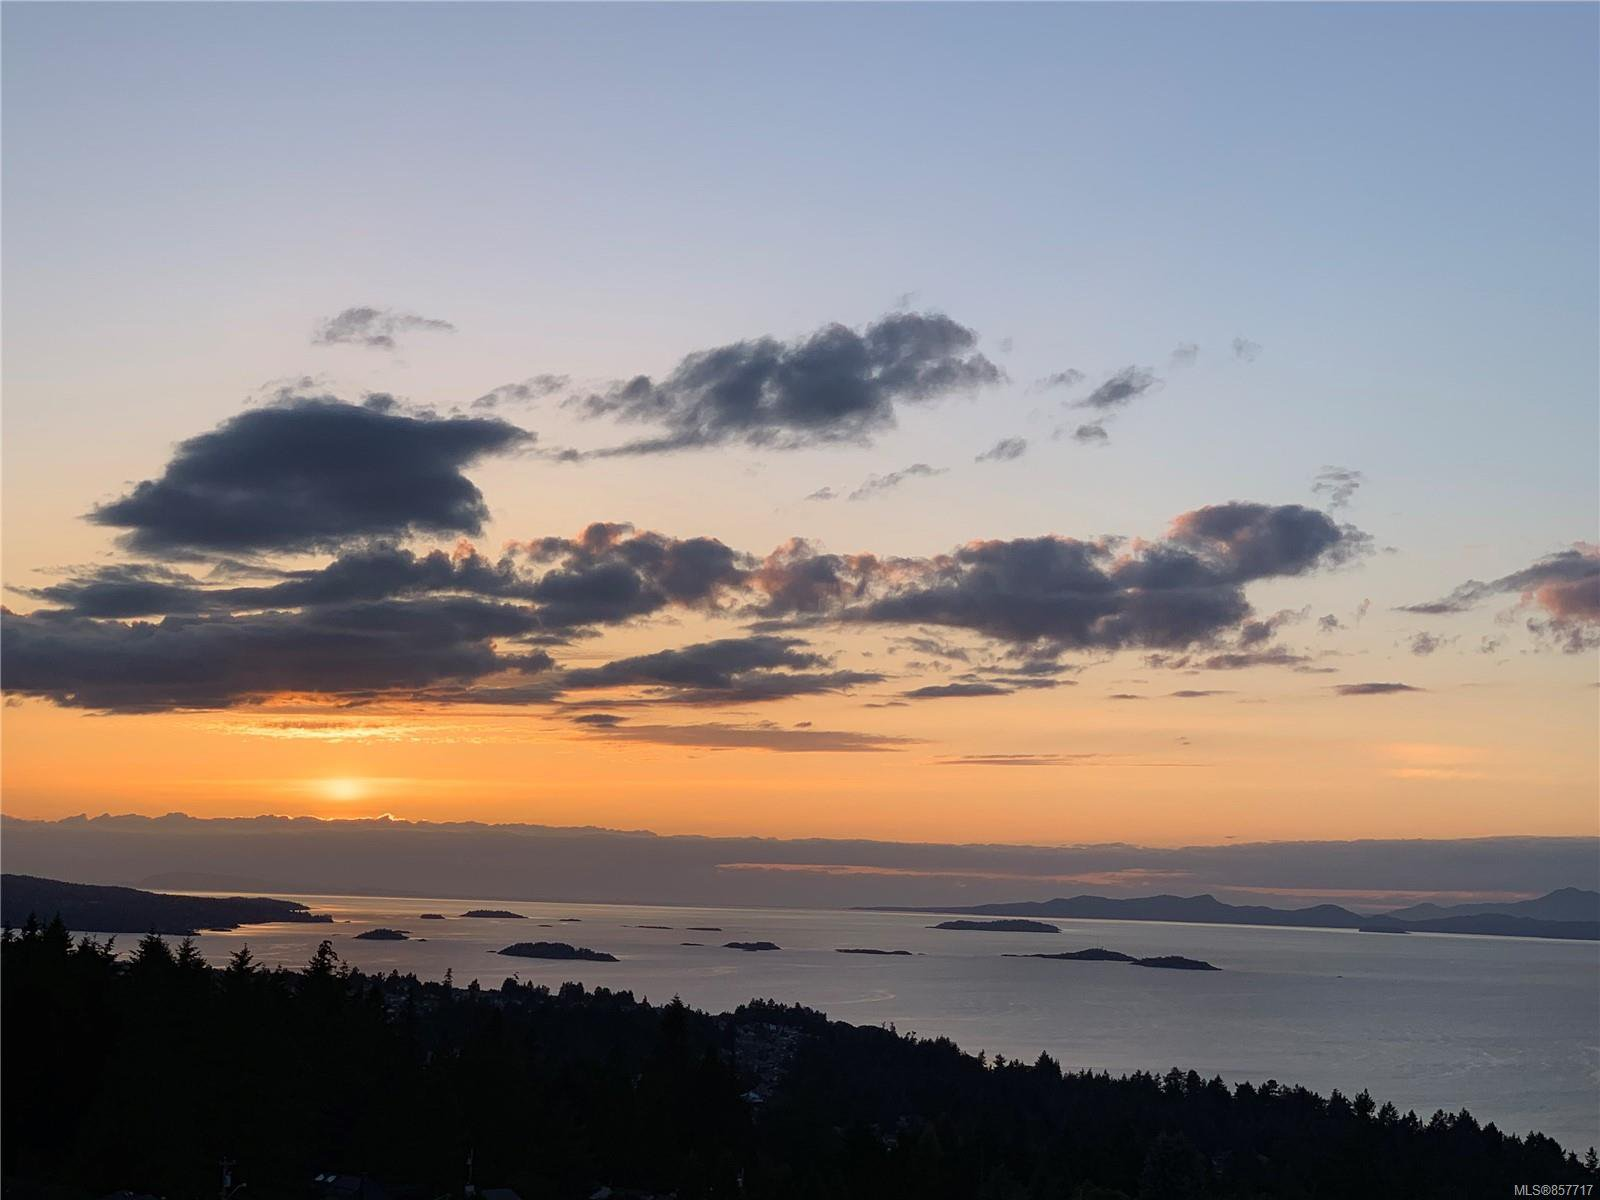 Main Photo: 5349 Smokey Cres in : Na North Nanaimo Land for sale (Nanaimo)  : MLS®# 857717